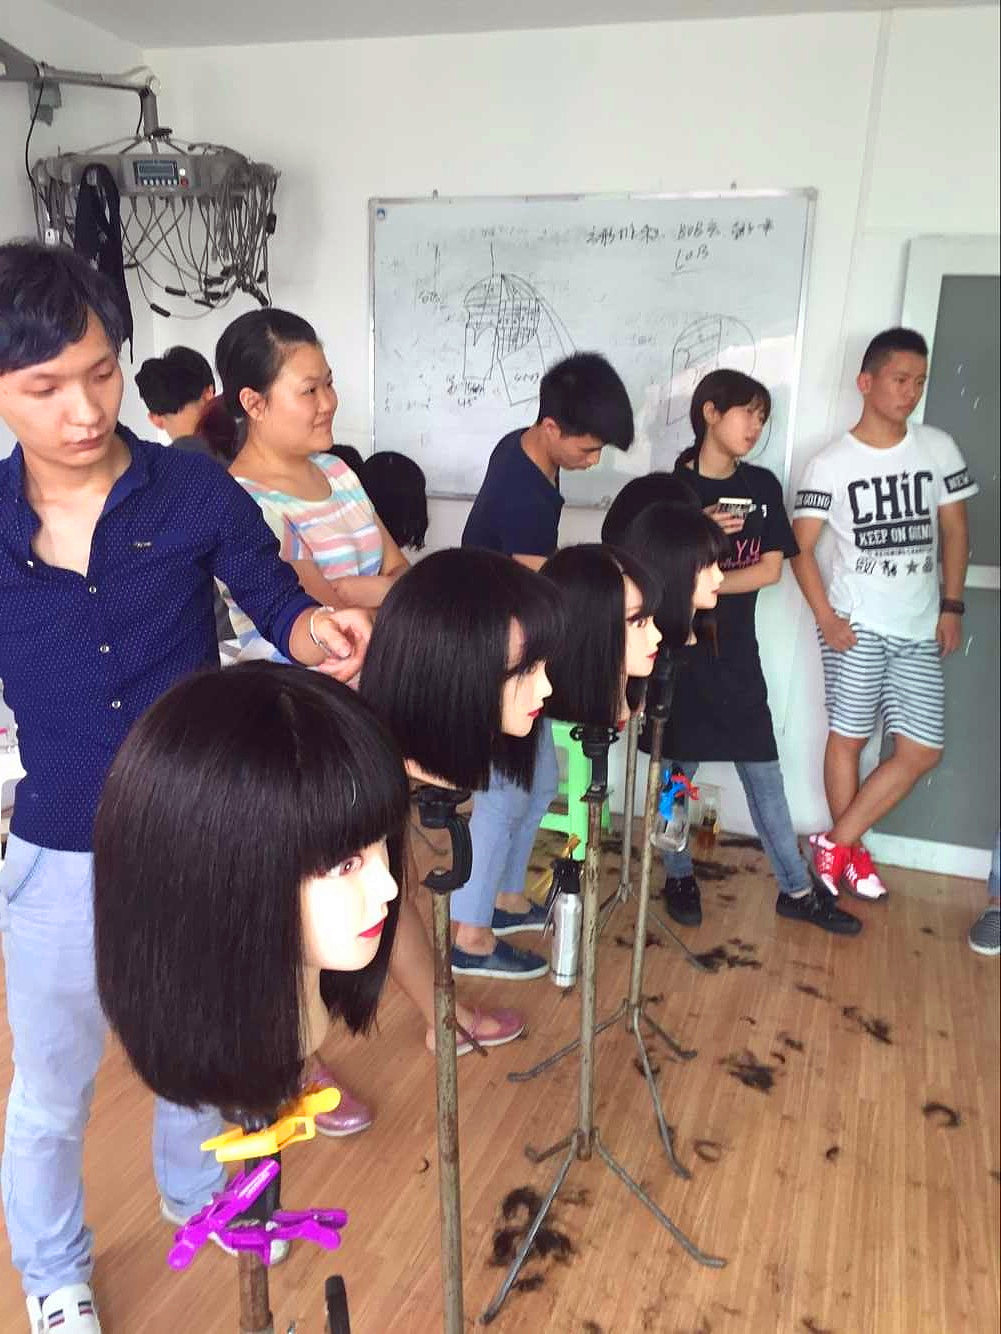 重庆专业美发学校 重庆最好的美发培训学校 美发师进修学校